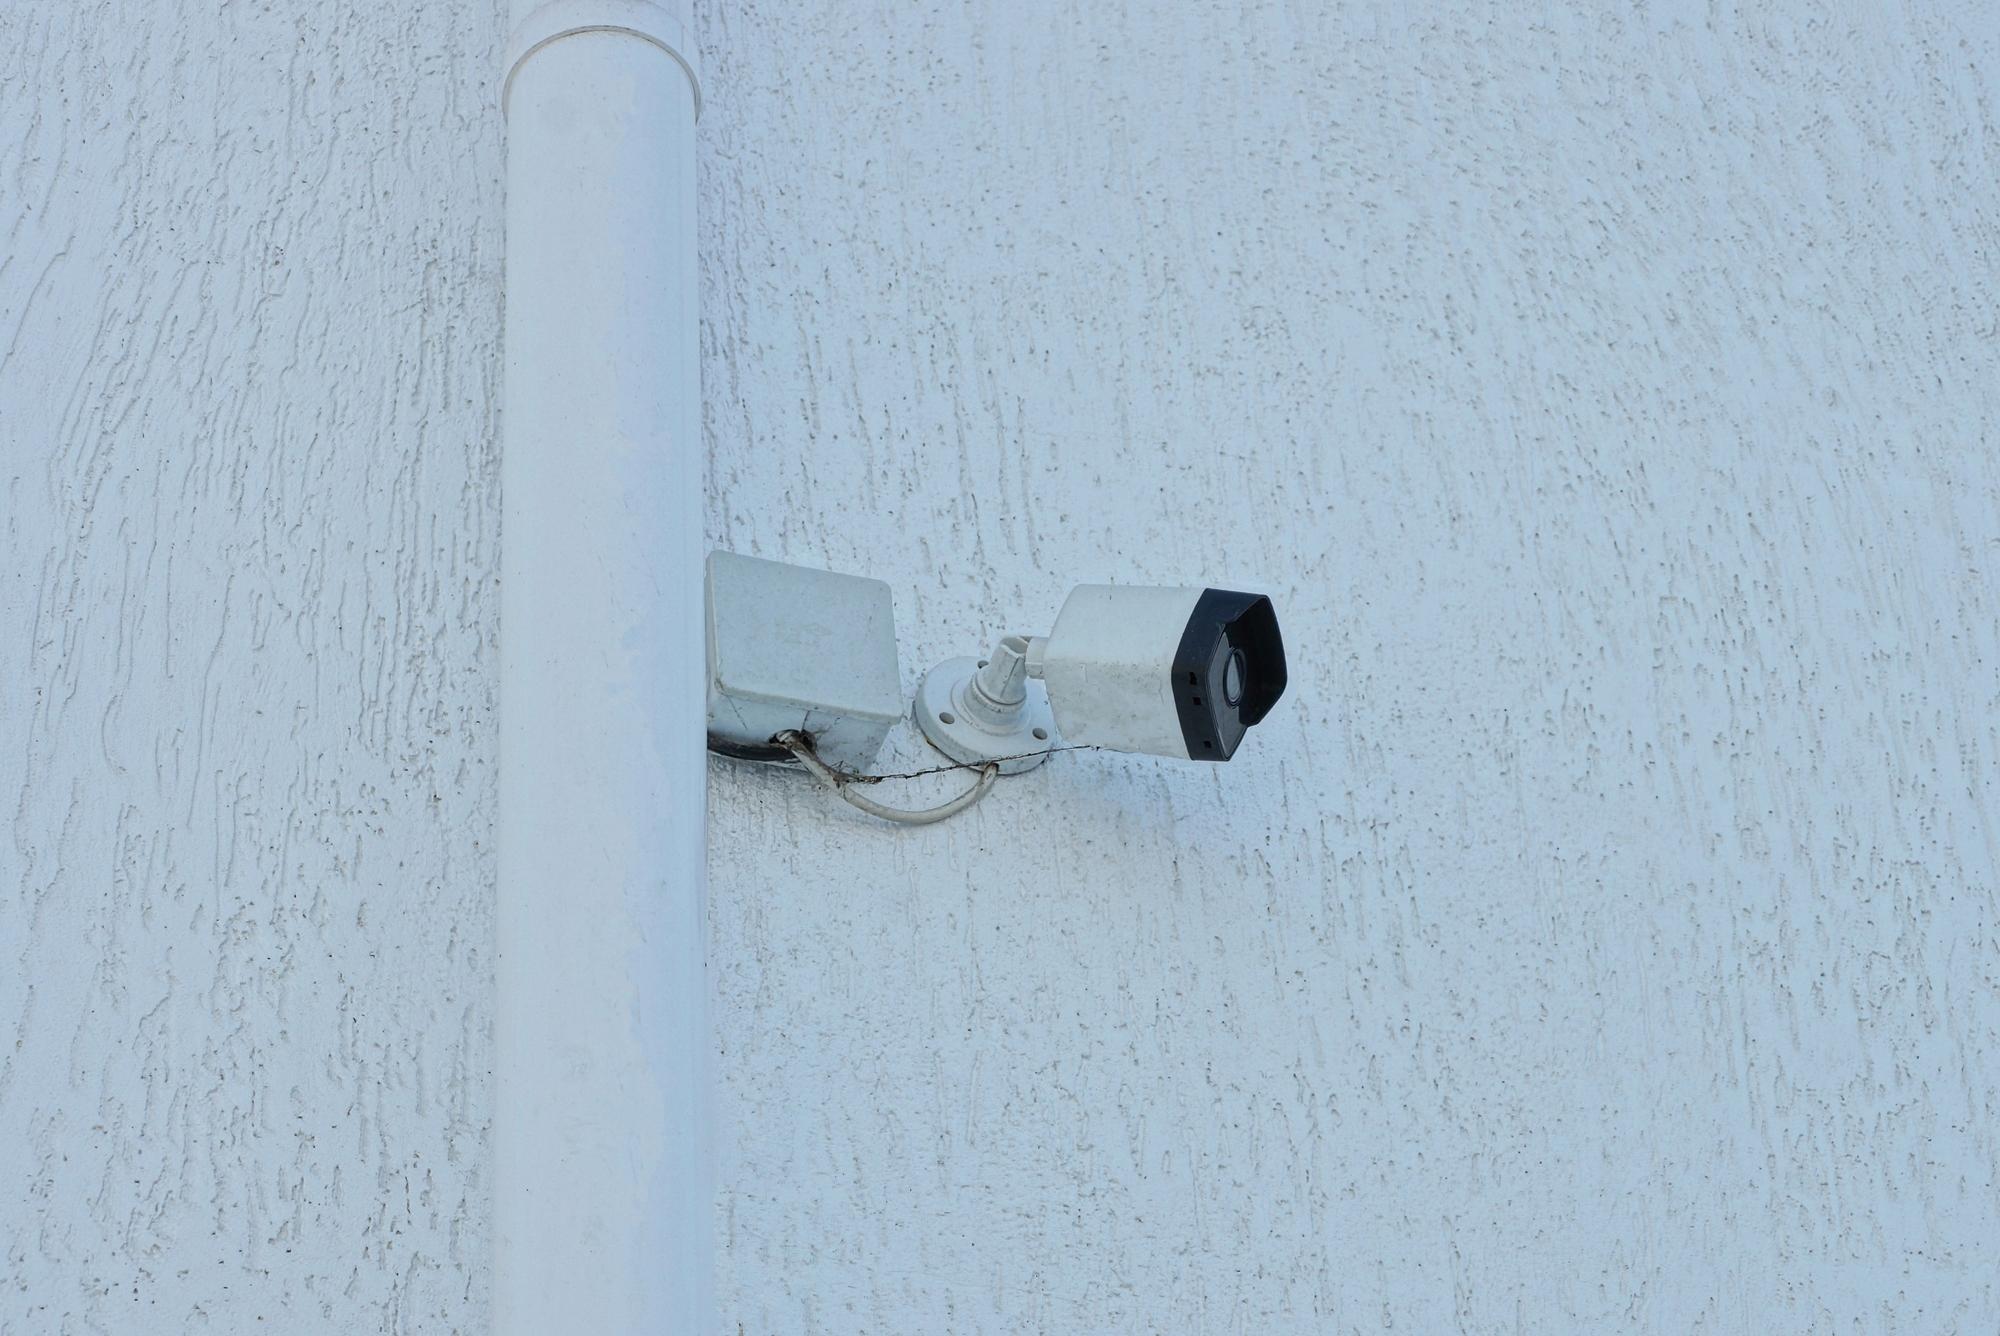 Ako správne realizovať kabeláž na bezpečnostné systémy (alarm, kamerové systémy)